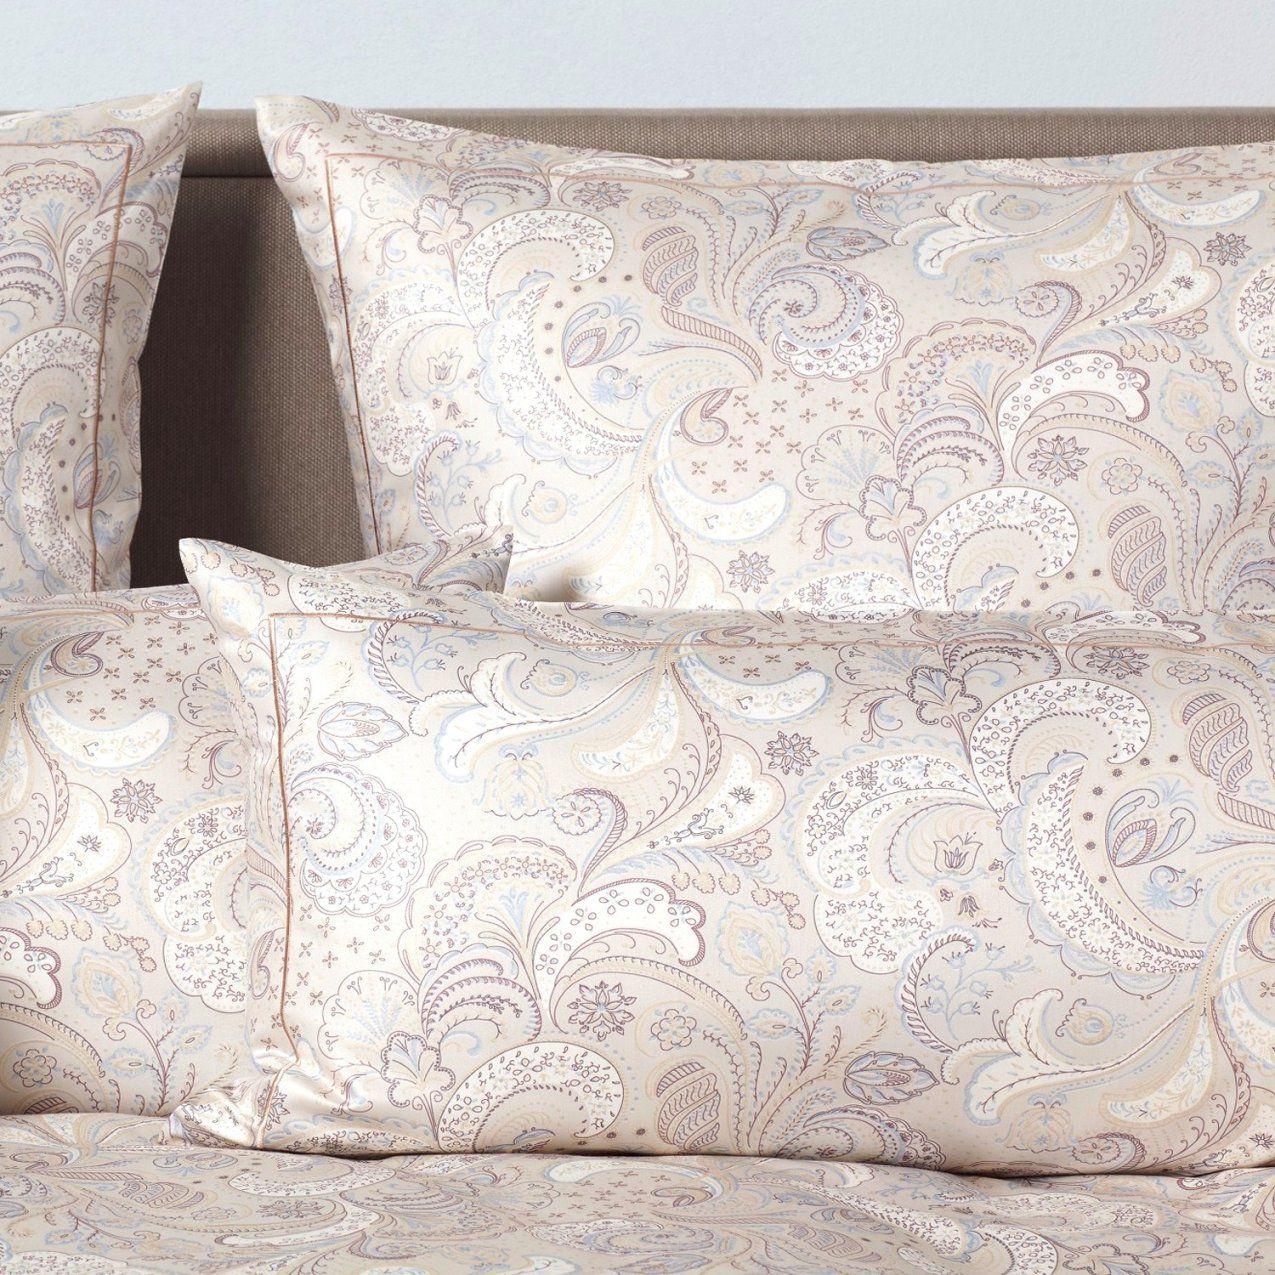 Erstaunliche Inspiration Elegante Bettwäsche Werksverkauf Und von Elegante Bettwäsche Werksverkauf Photo